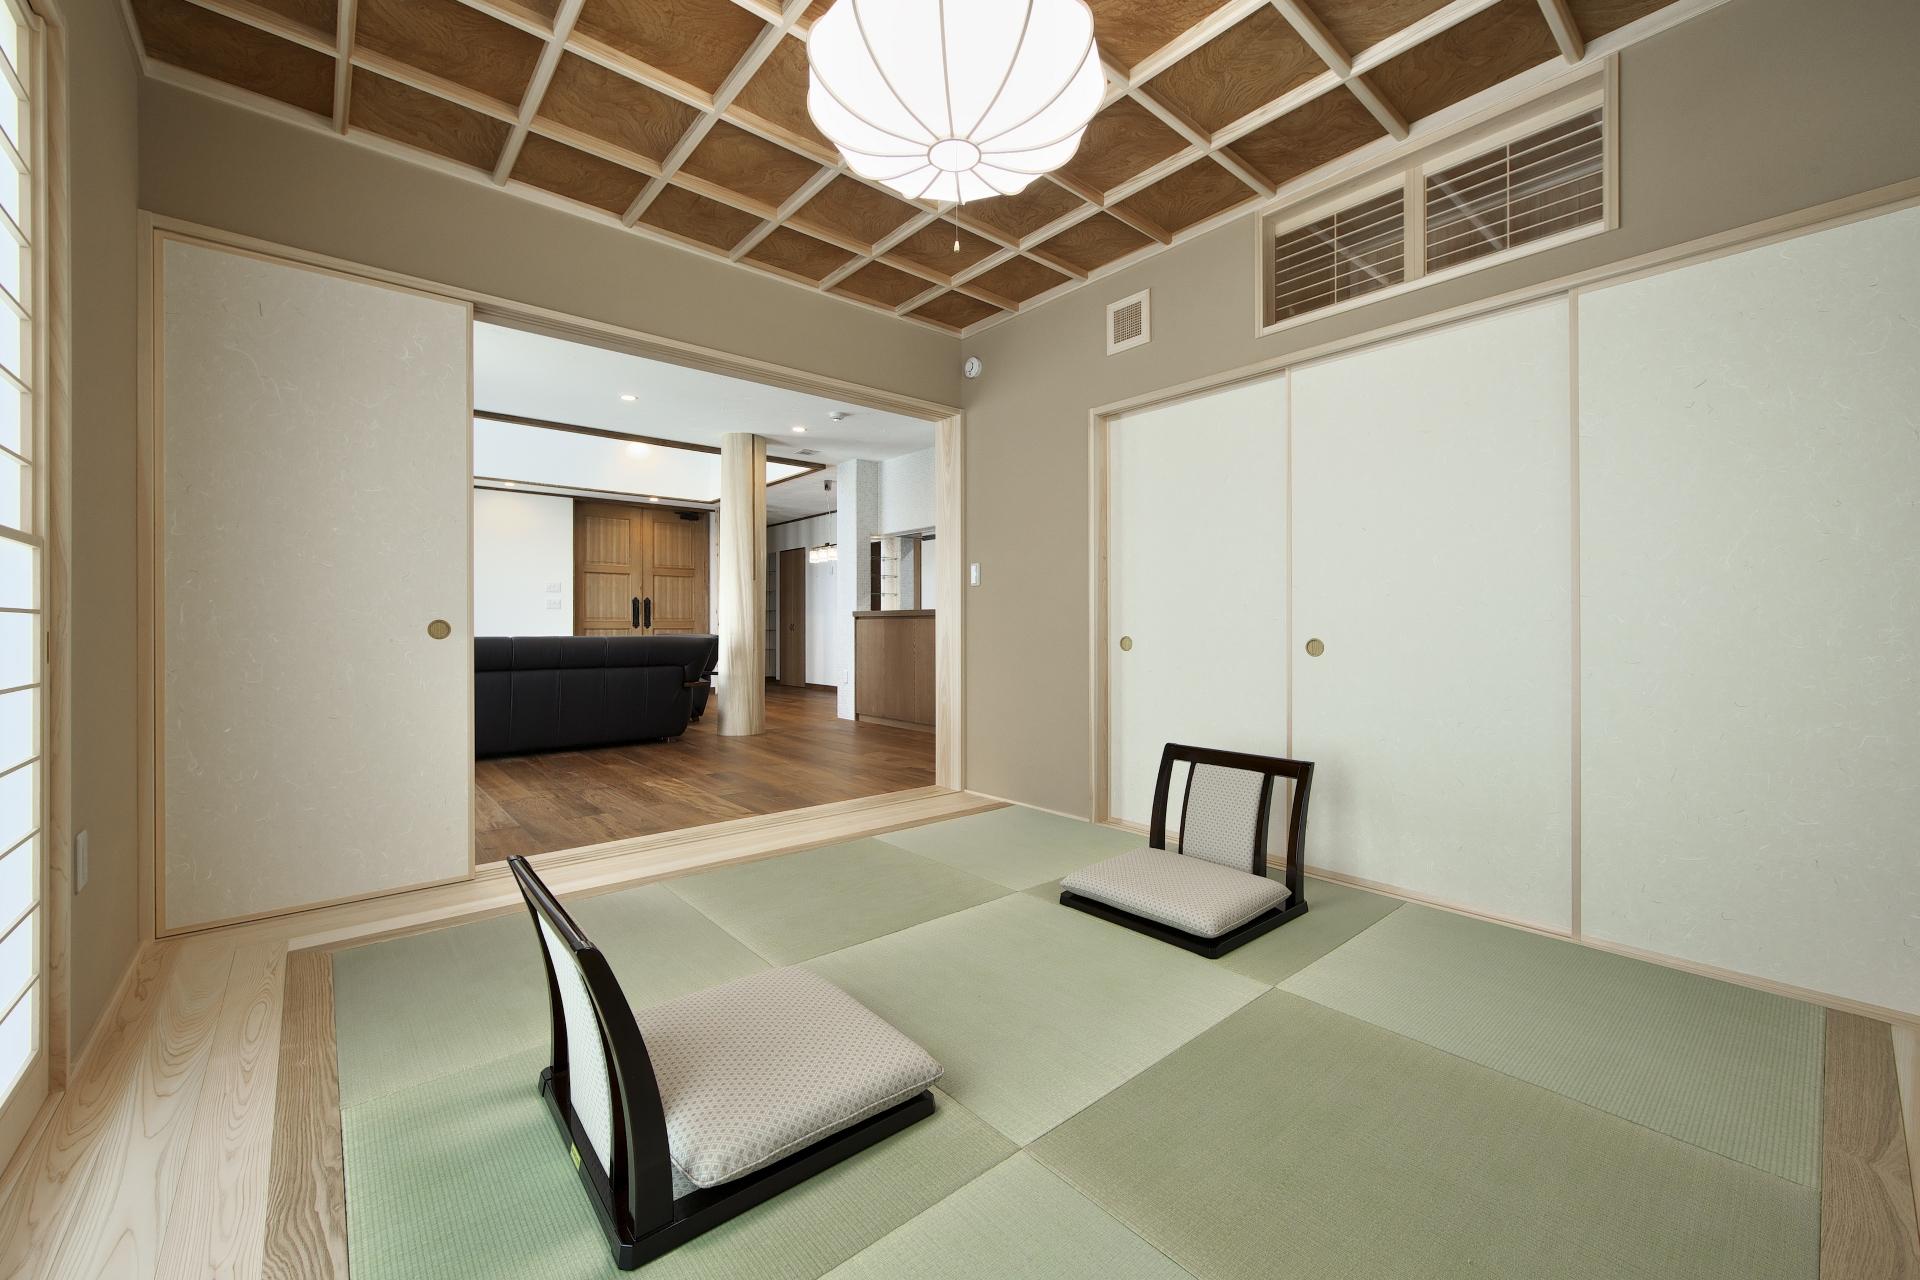 創住環【自然素材、省エネ、高級住宅】リビングと繋がった和室は沖縄にいる母が来た時のために設けたもの。ケヤキの天井をベースに、檜で格子状にする匠の技が光る